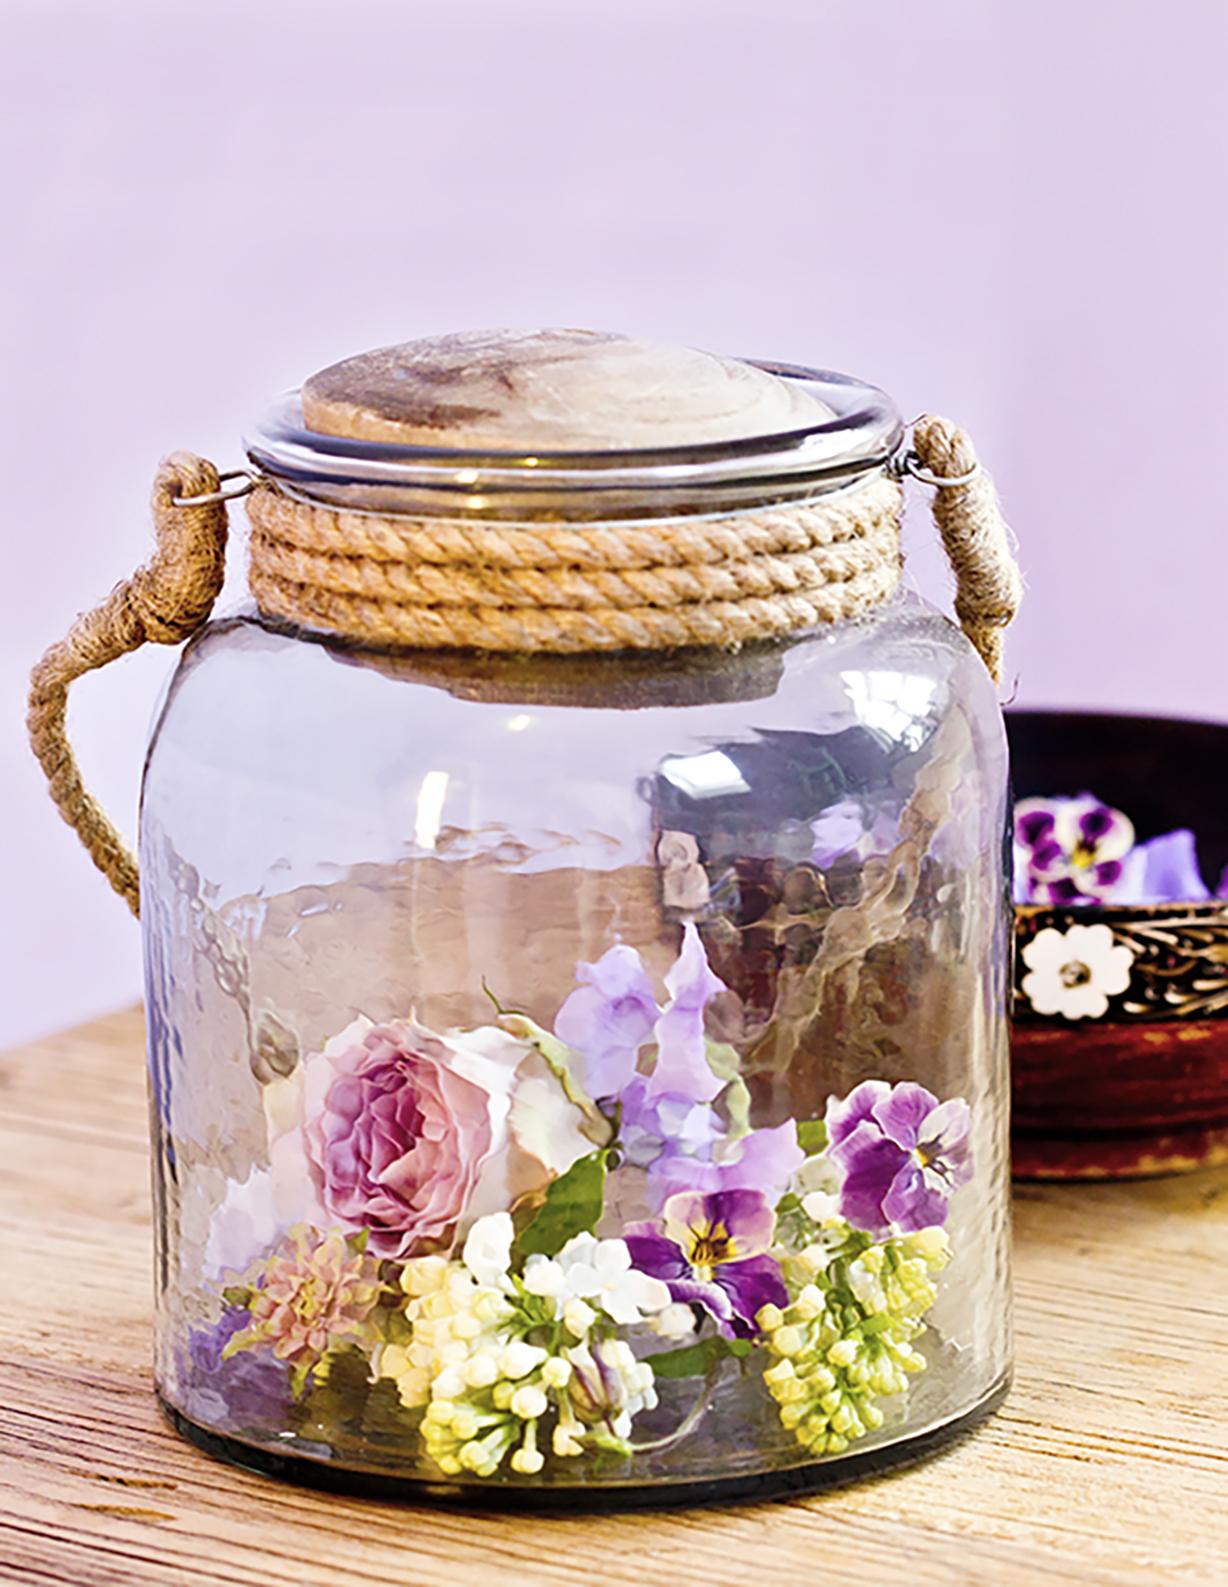 """Du kan pynte op med andet end buketter. Læg små blomsterhoveder fra syrener, roser, stedmor og ærteblomster i bunden af glas, lanterner eller vaser. Fugt bunden i glasset med en vandforstæver - og nyd en anderledes """"buket""""."""